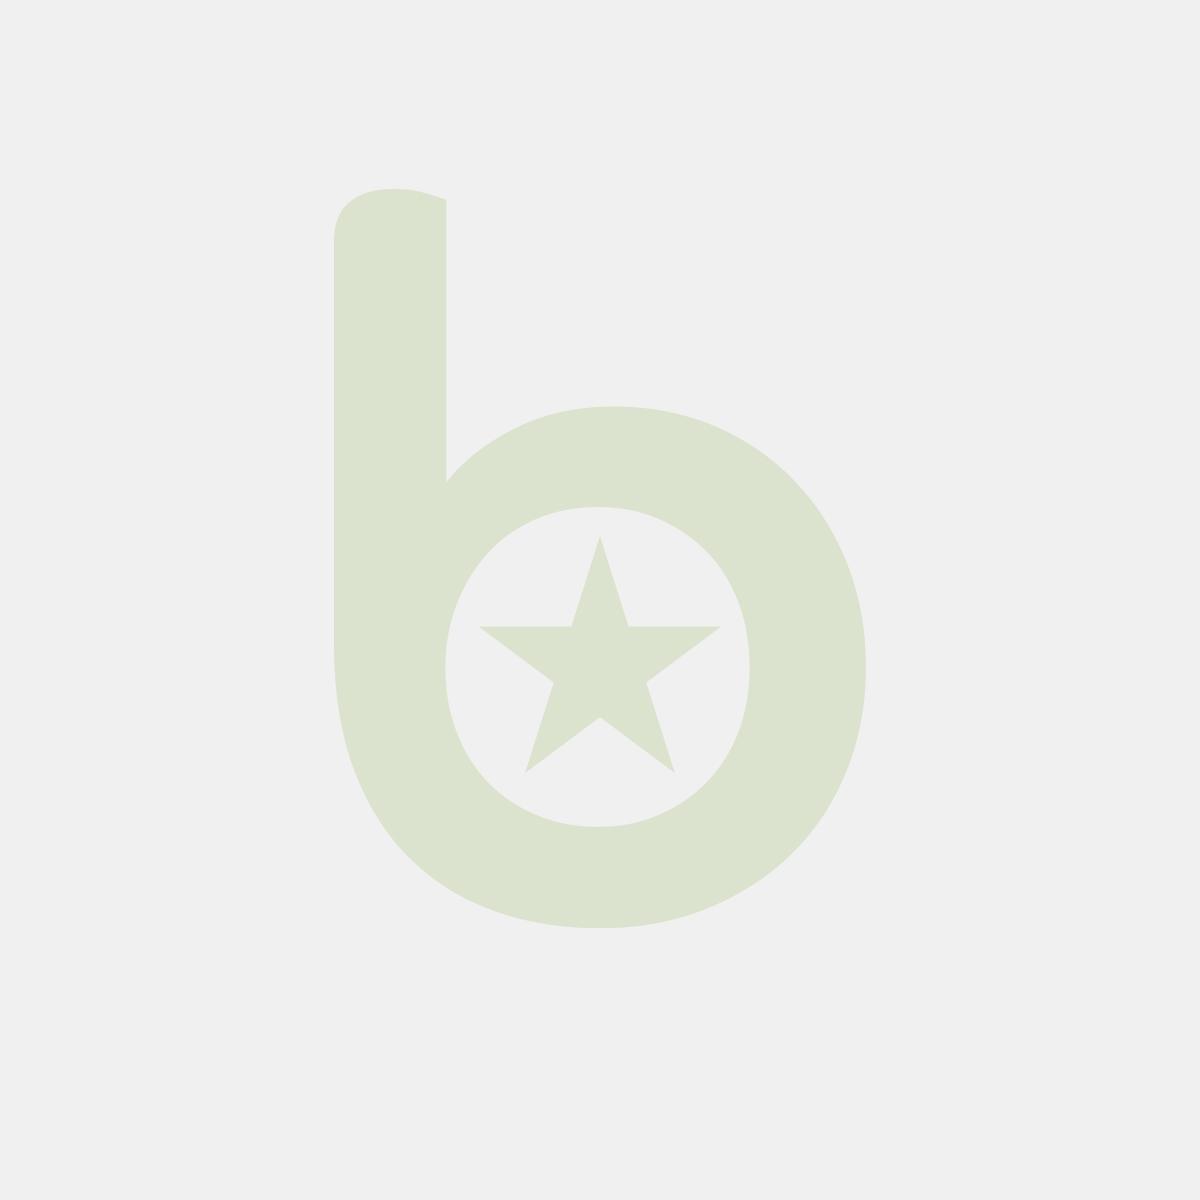 Cienkopis SCHNEIDER Link-It, 0,4mm, zielony